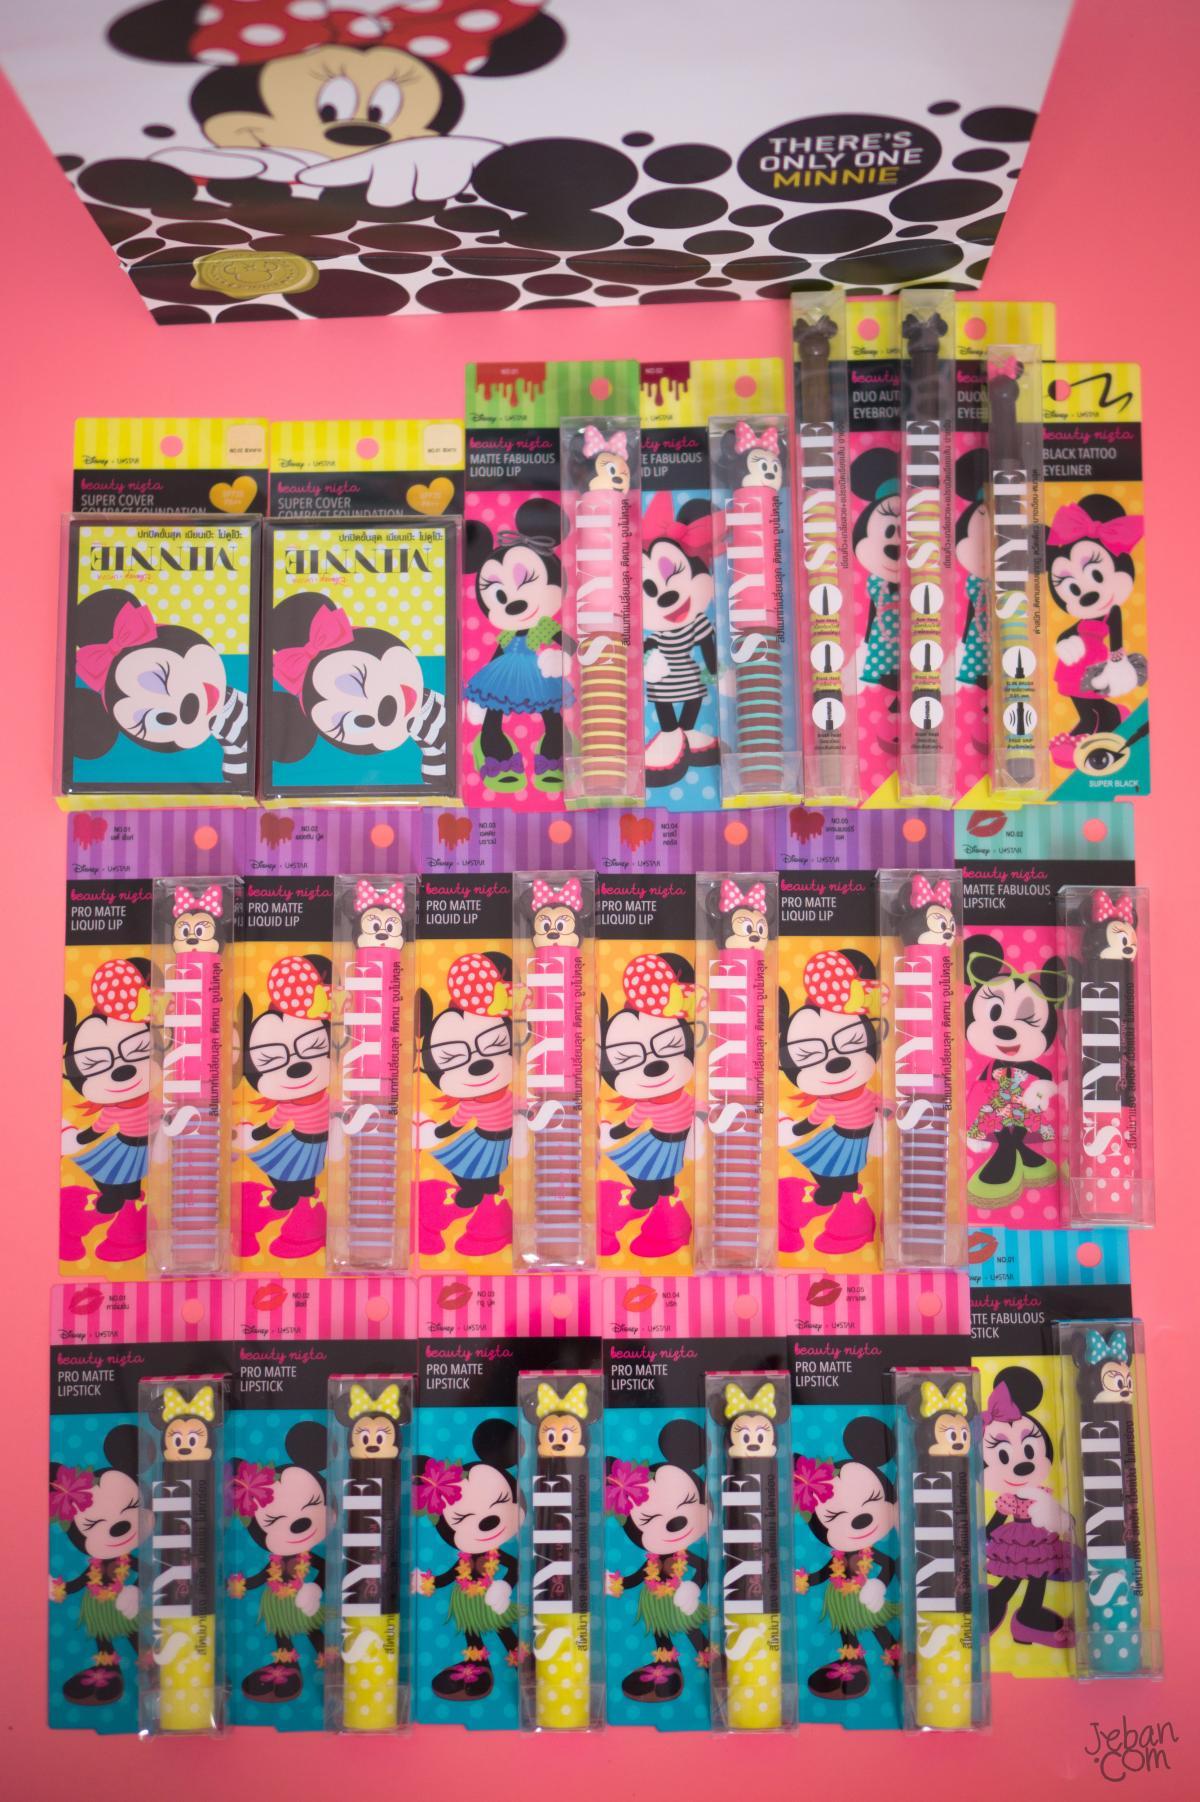 มาตามสัญญา รีวิวสวอช Disney x Ustar | Beauty Nista น้องMinnie Mouseคอลเลคชั่นใหม่ล่าสุดครบทั้งเซ็ต 19 ชิ้น